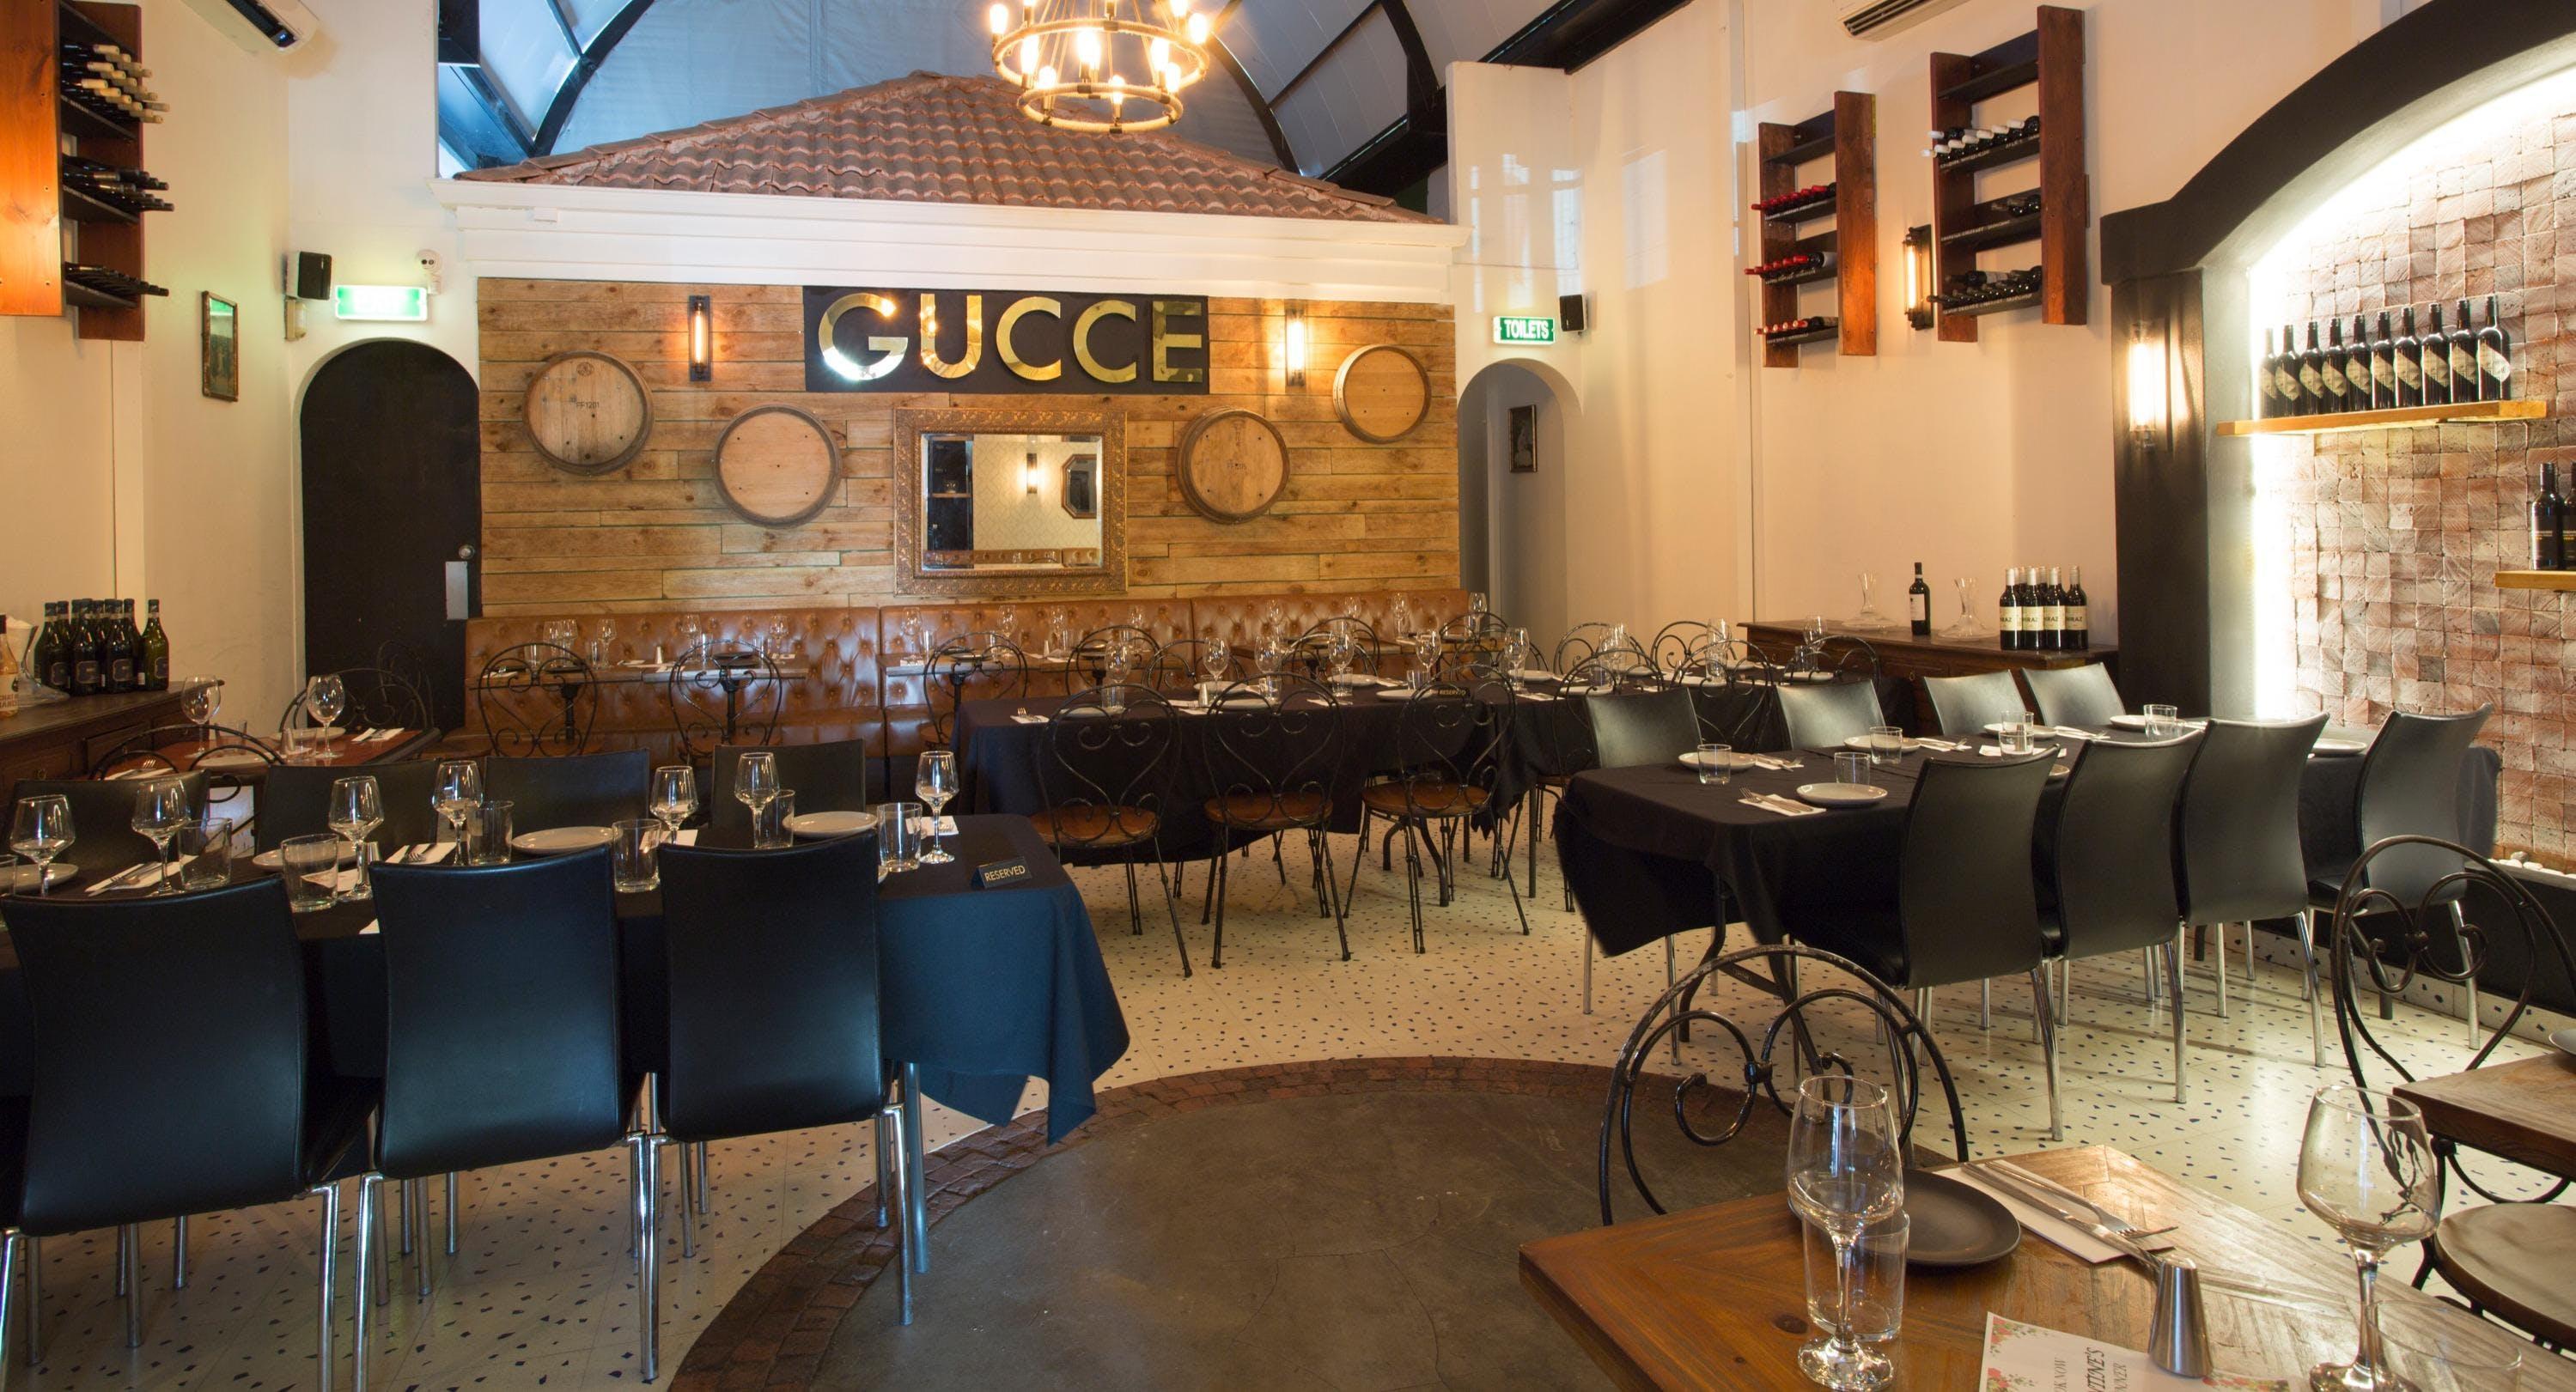 Gucce Italian Perth image 1